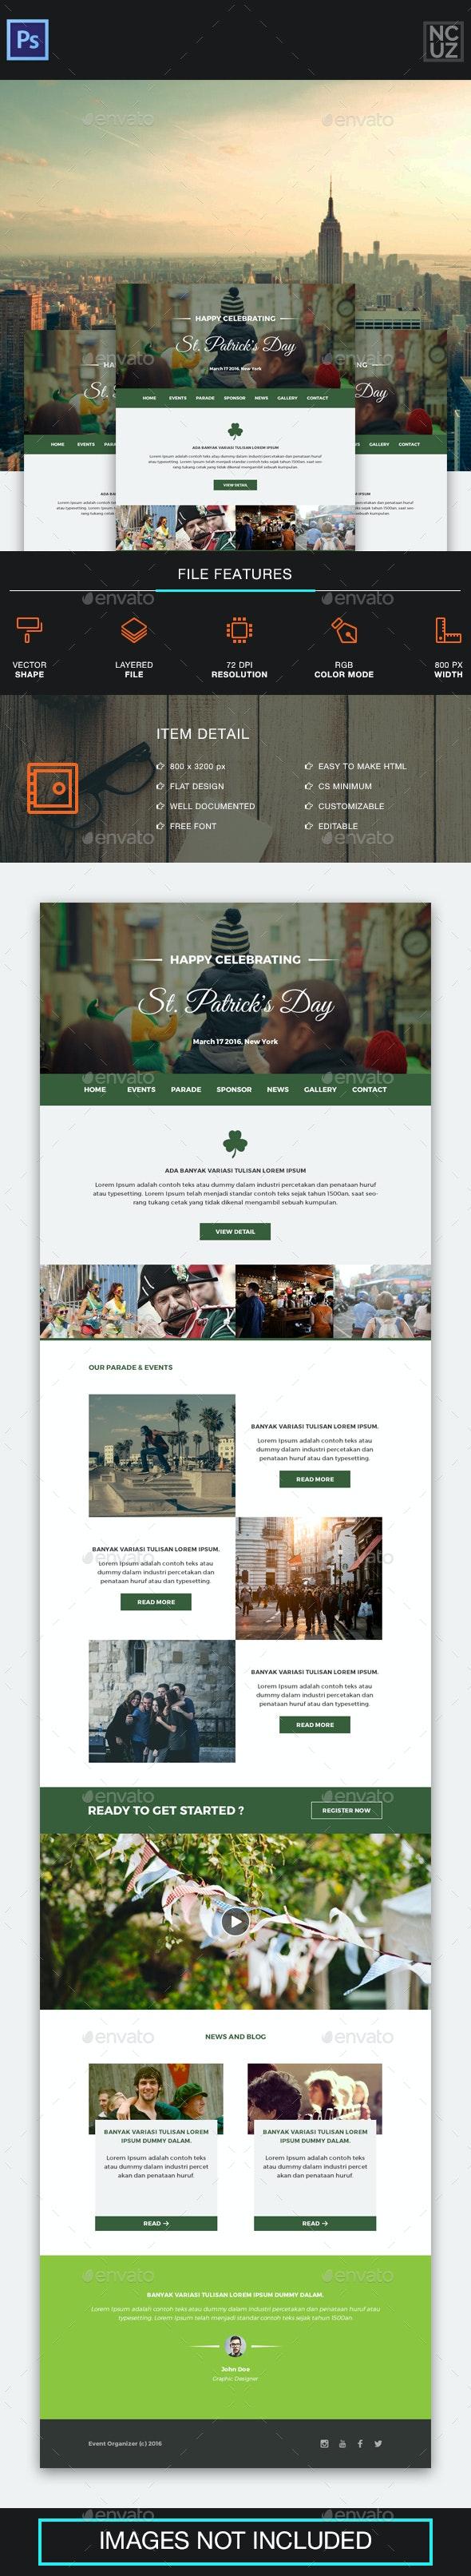 St. Patrick's Day Festival E-newsletter